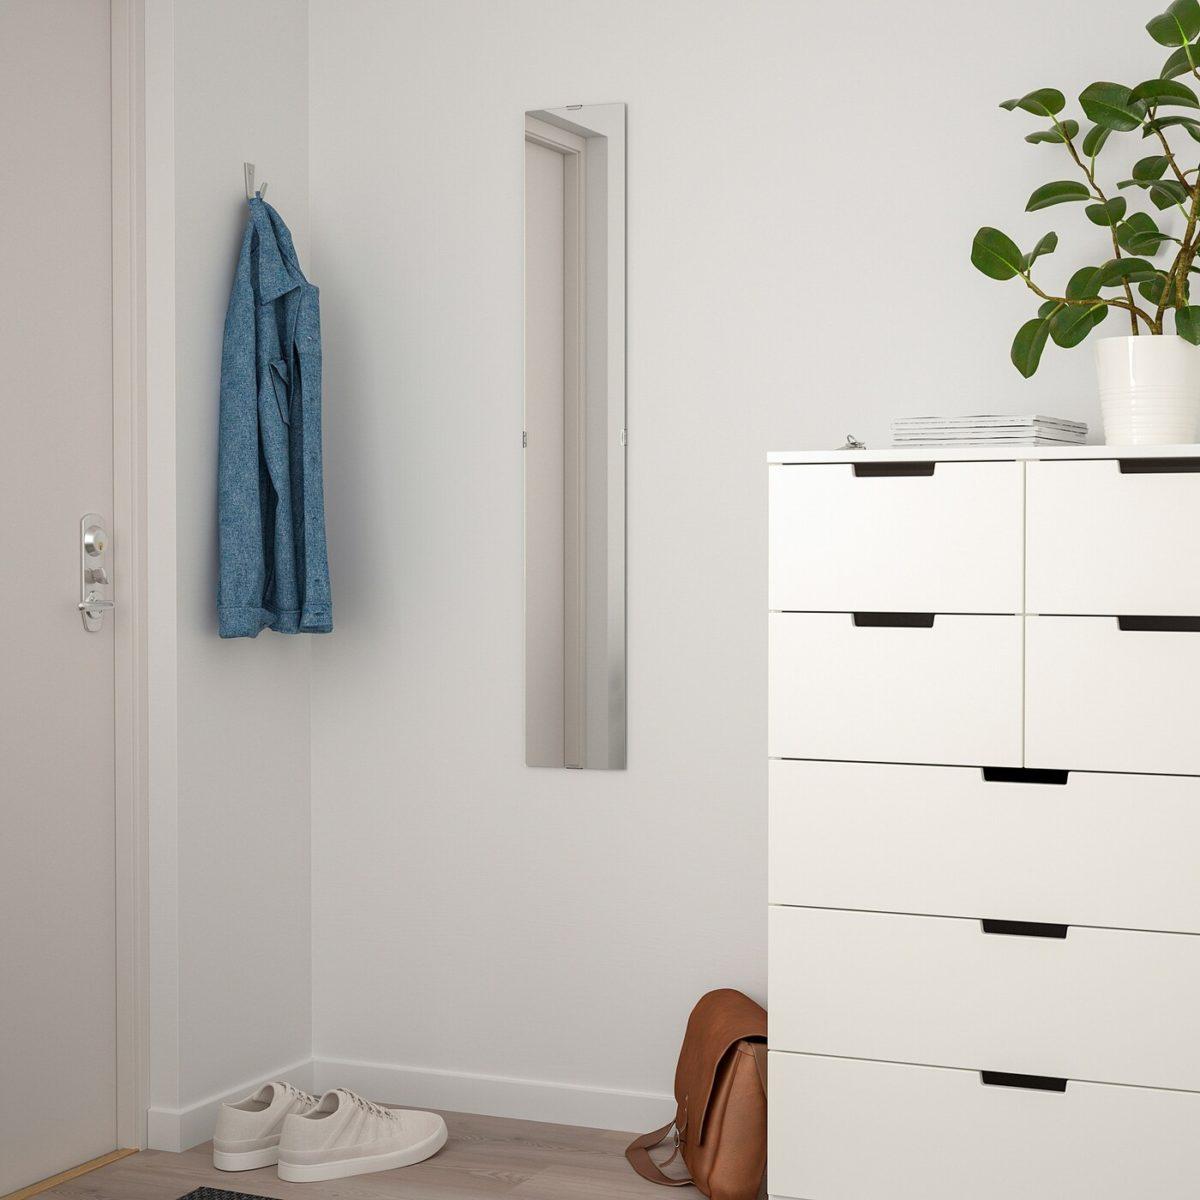 frebro-specchio-ikea